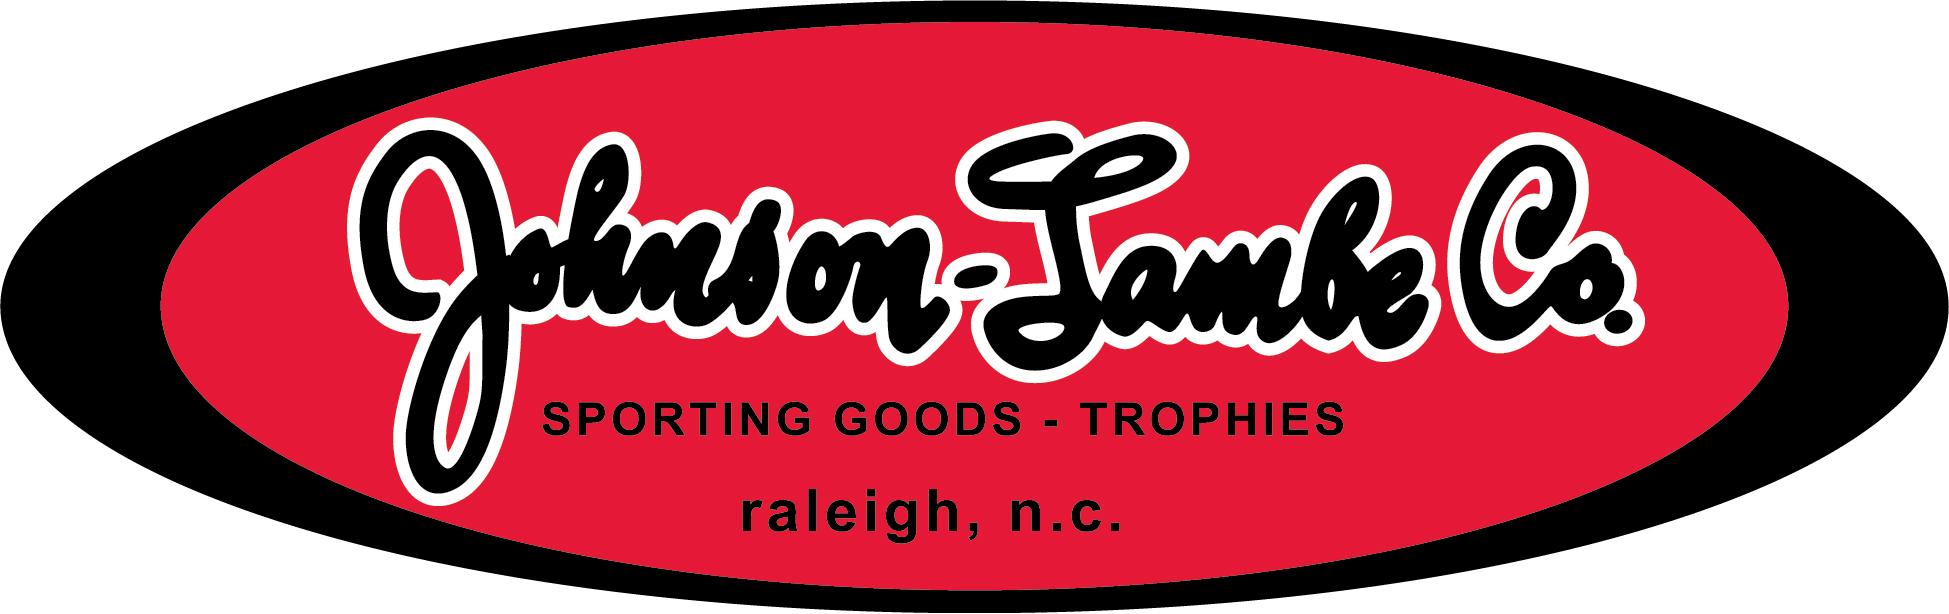 Johnson Lambe Co. logo